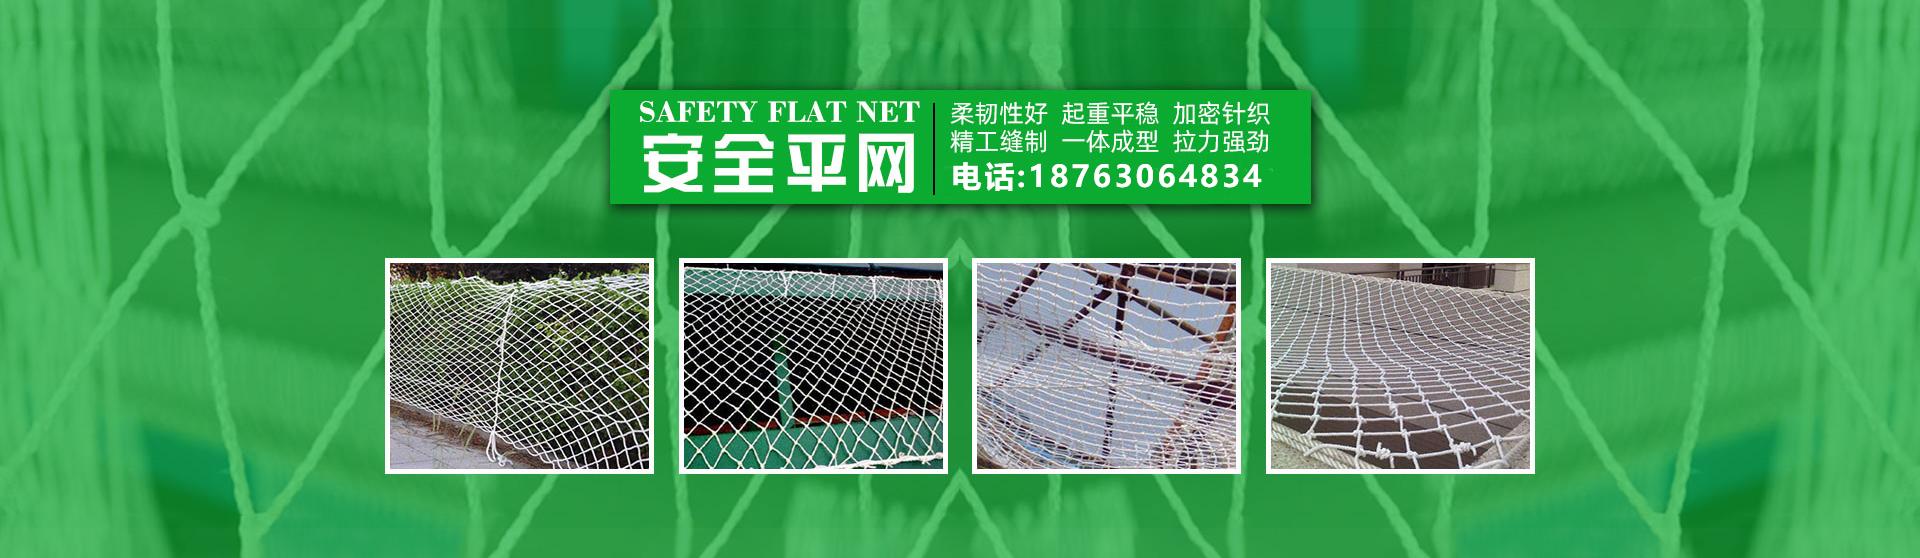 山东防护网